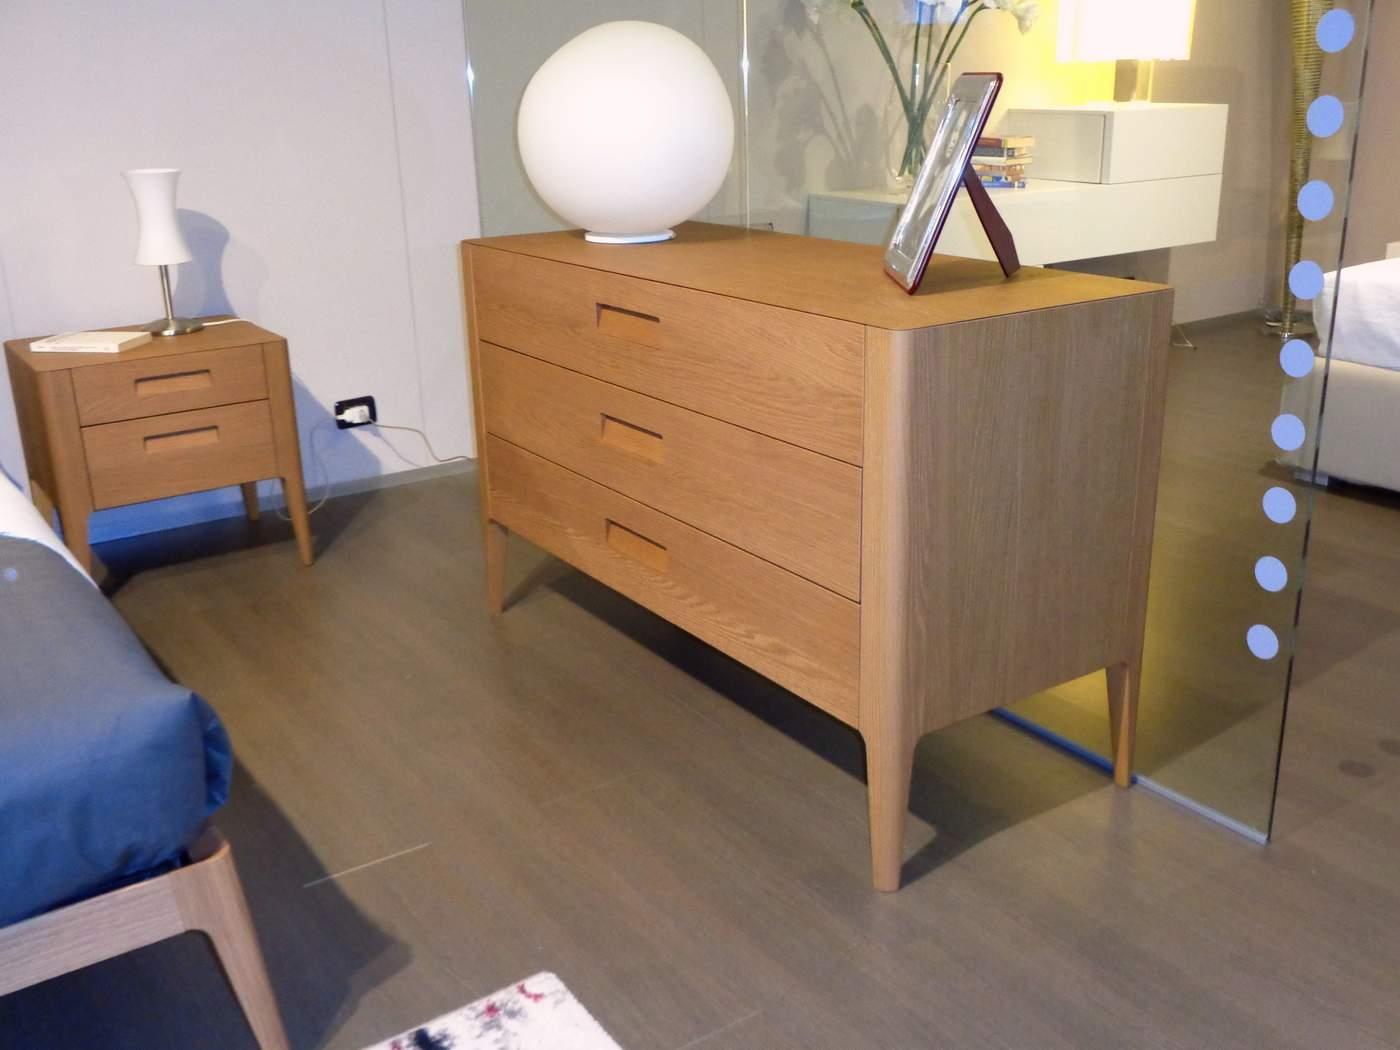 comò-per-camera-da-letto-Novamobili-Giotto-rovere-miele-in-vendita-nel-nostro-negozio-a-Zogno-Bergamo-1